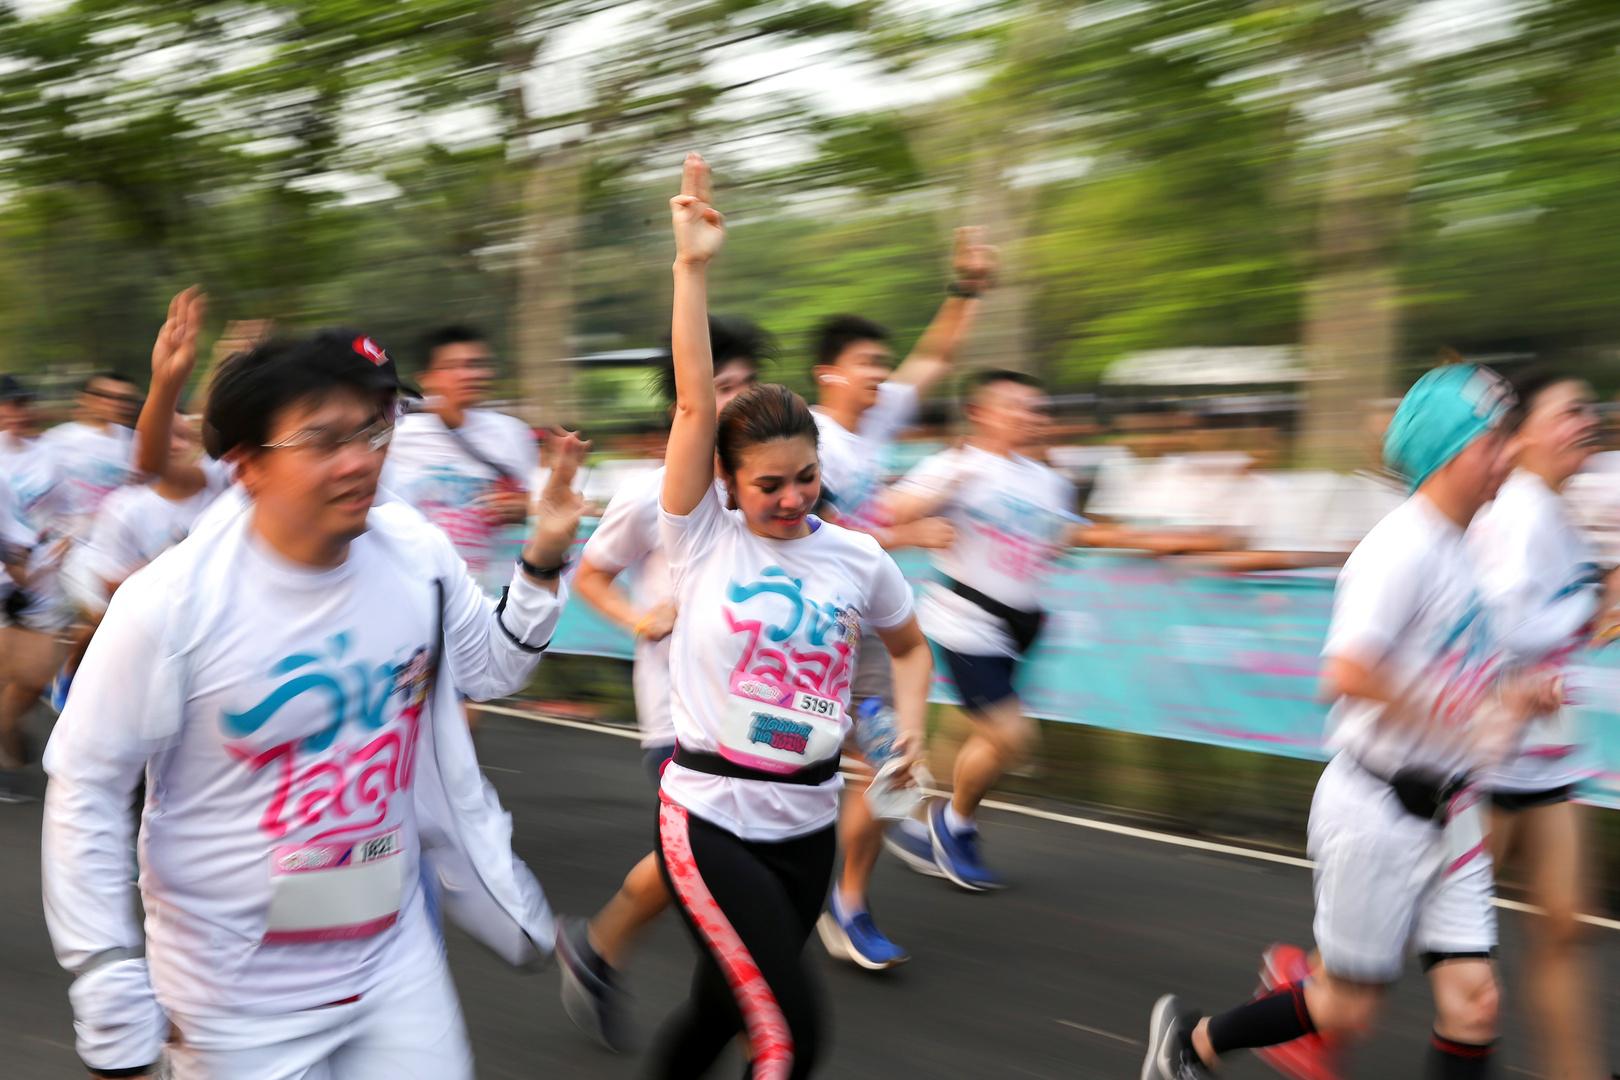 التايلانديون يشاركون في مهرجان للركض مناهض للحكومة (صور)